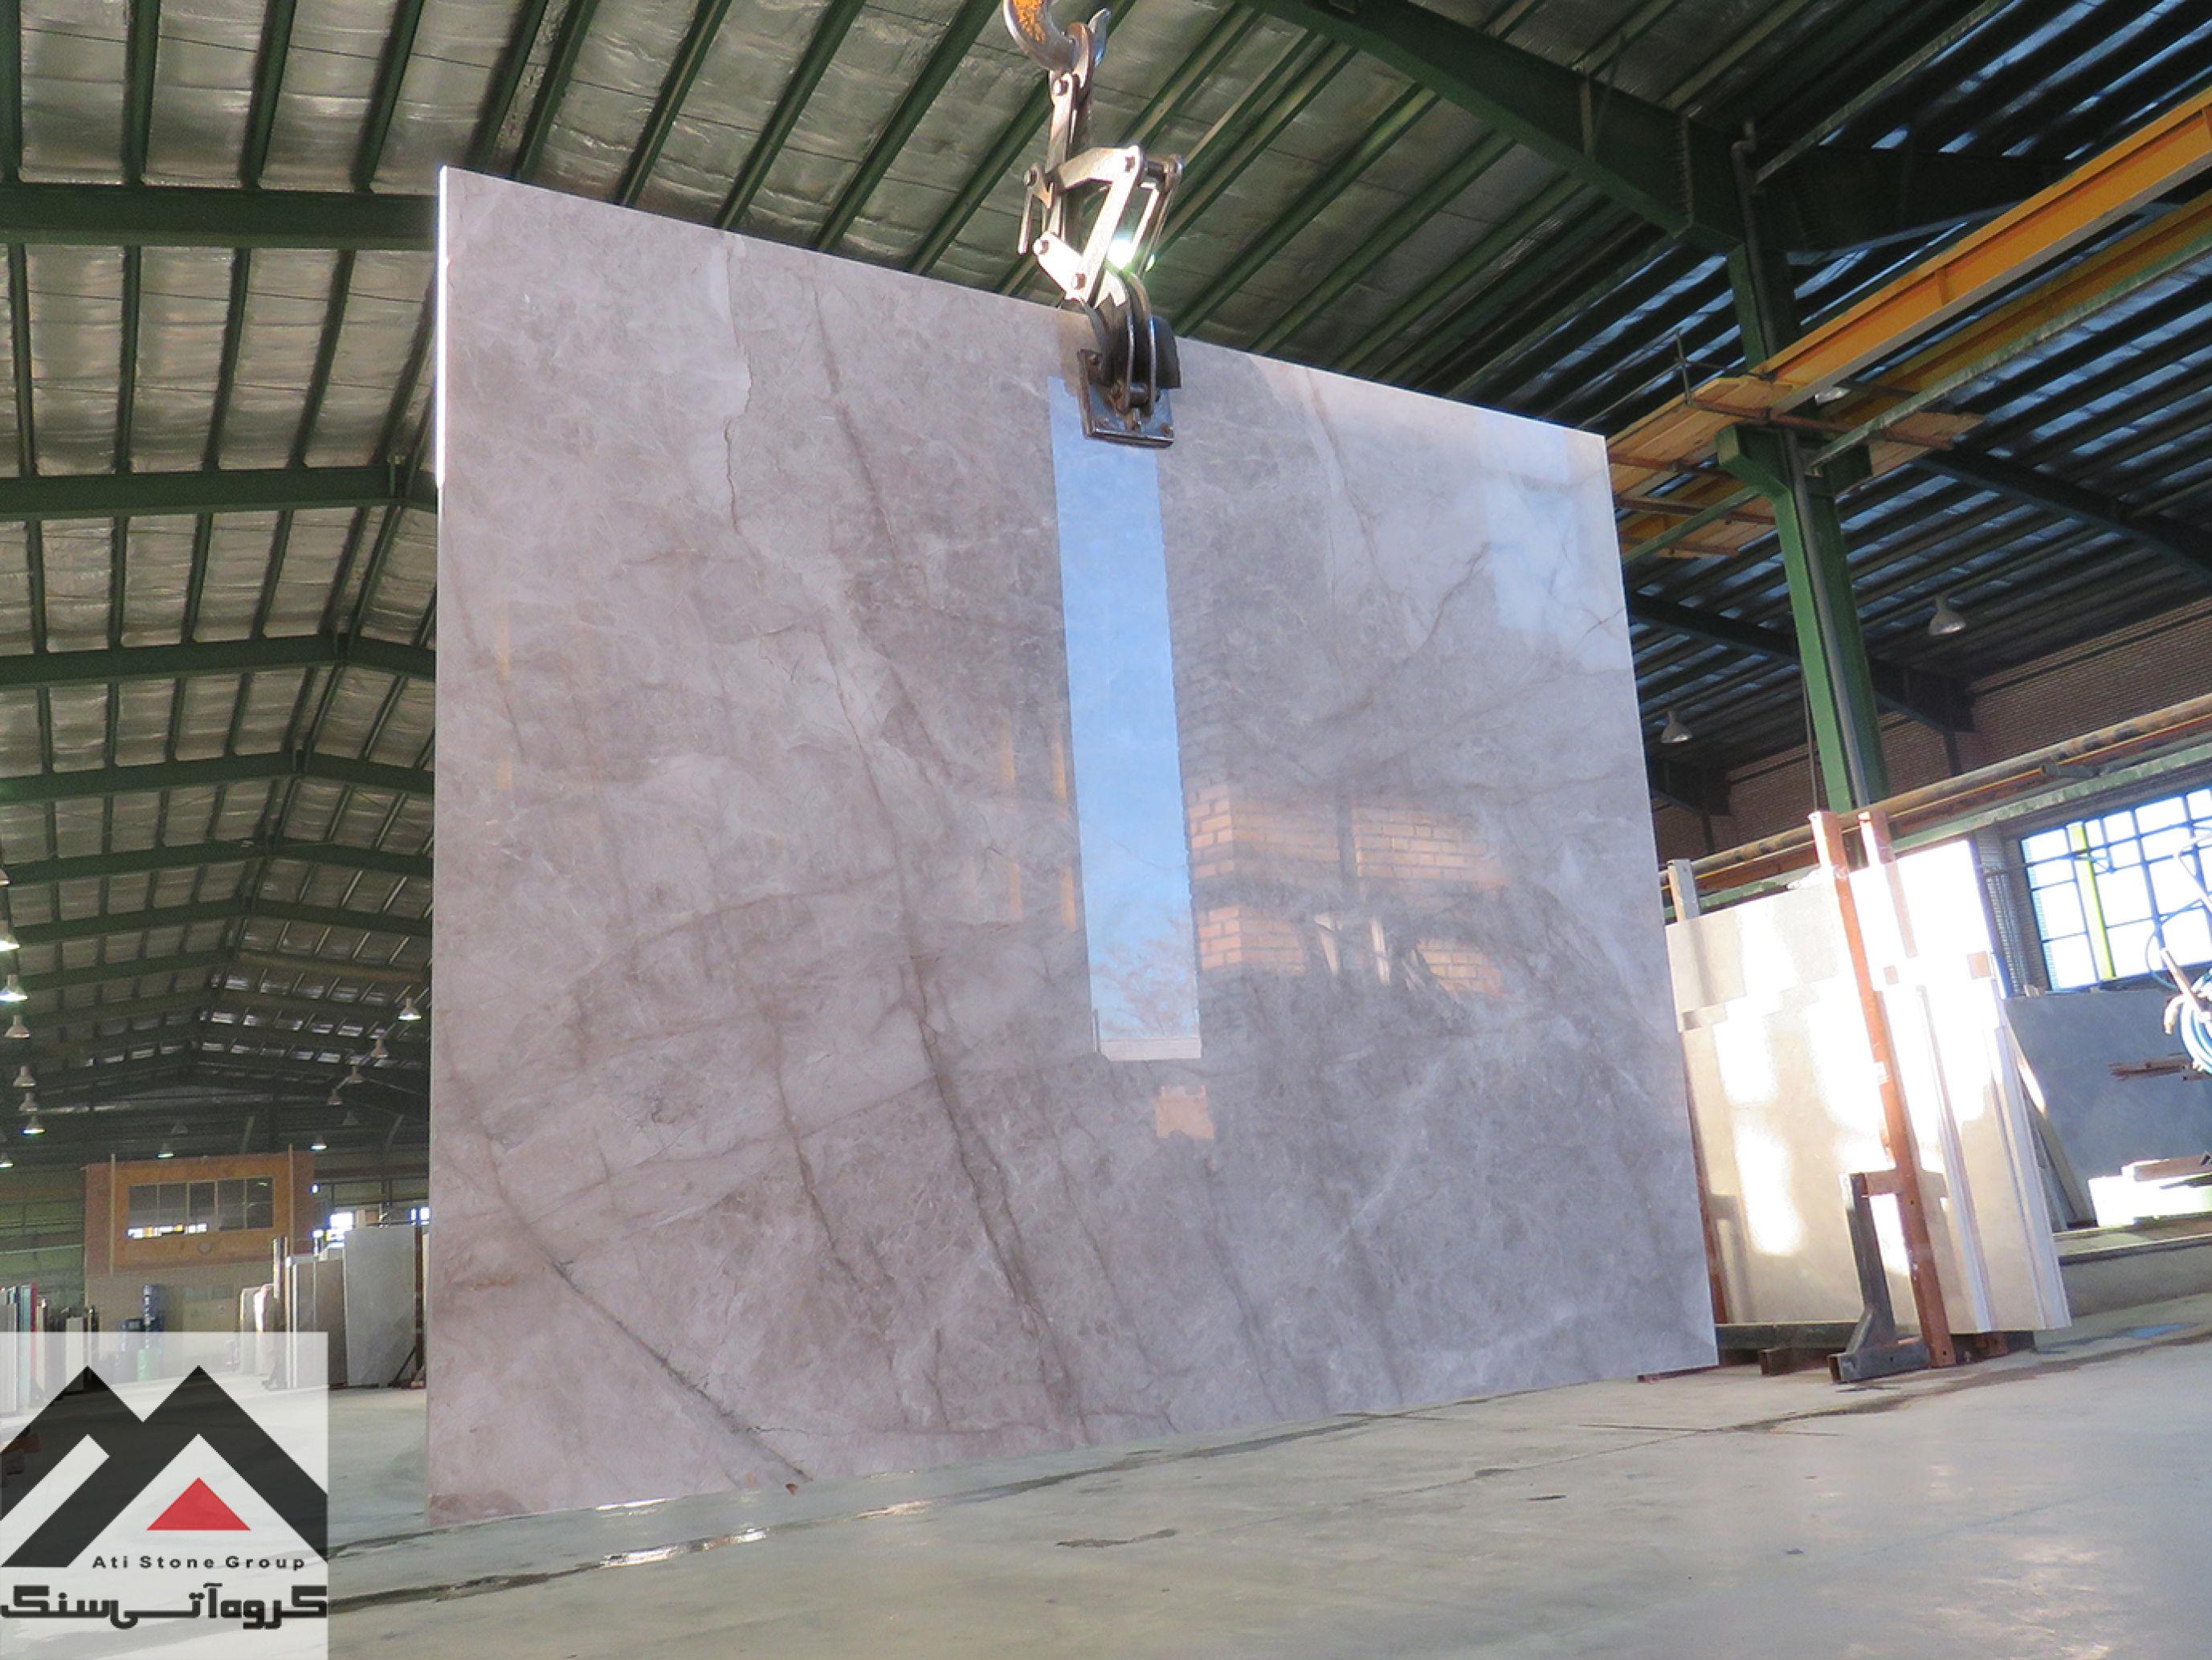 سنگ ساختمانی با بهترین قیمت و کیفیت, معدن سنگ, معدن بیات, فروش سنگ مرمریت و چینی با ضمانت قیمت و کیفیت, صادرات سنگ ایران